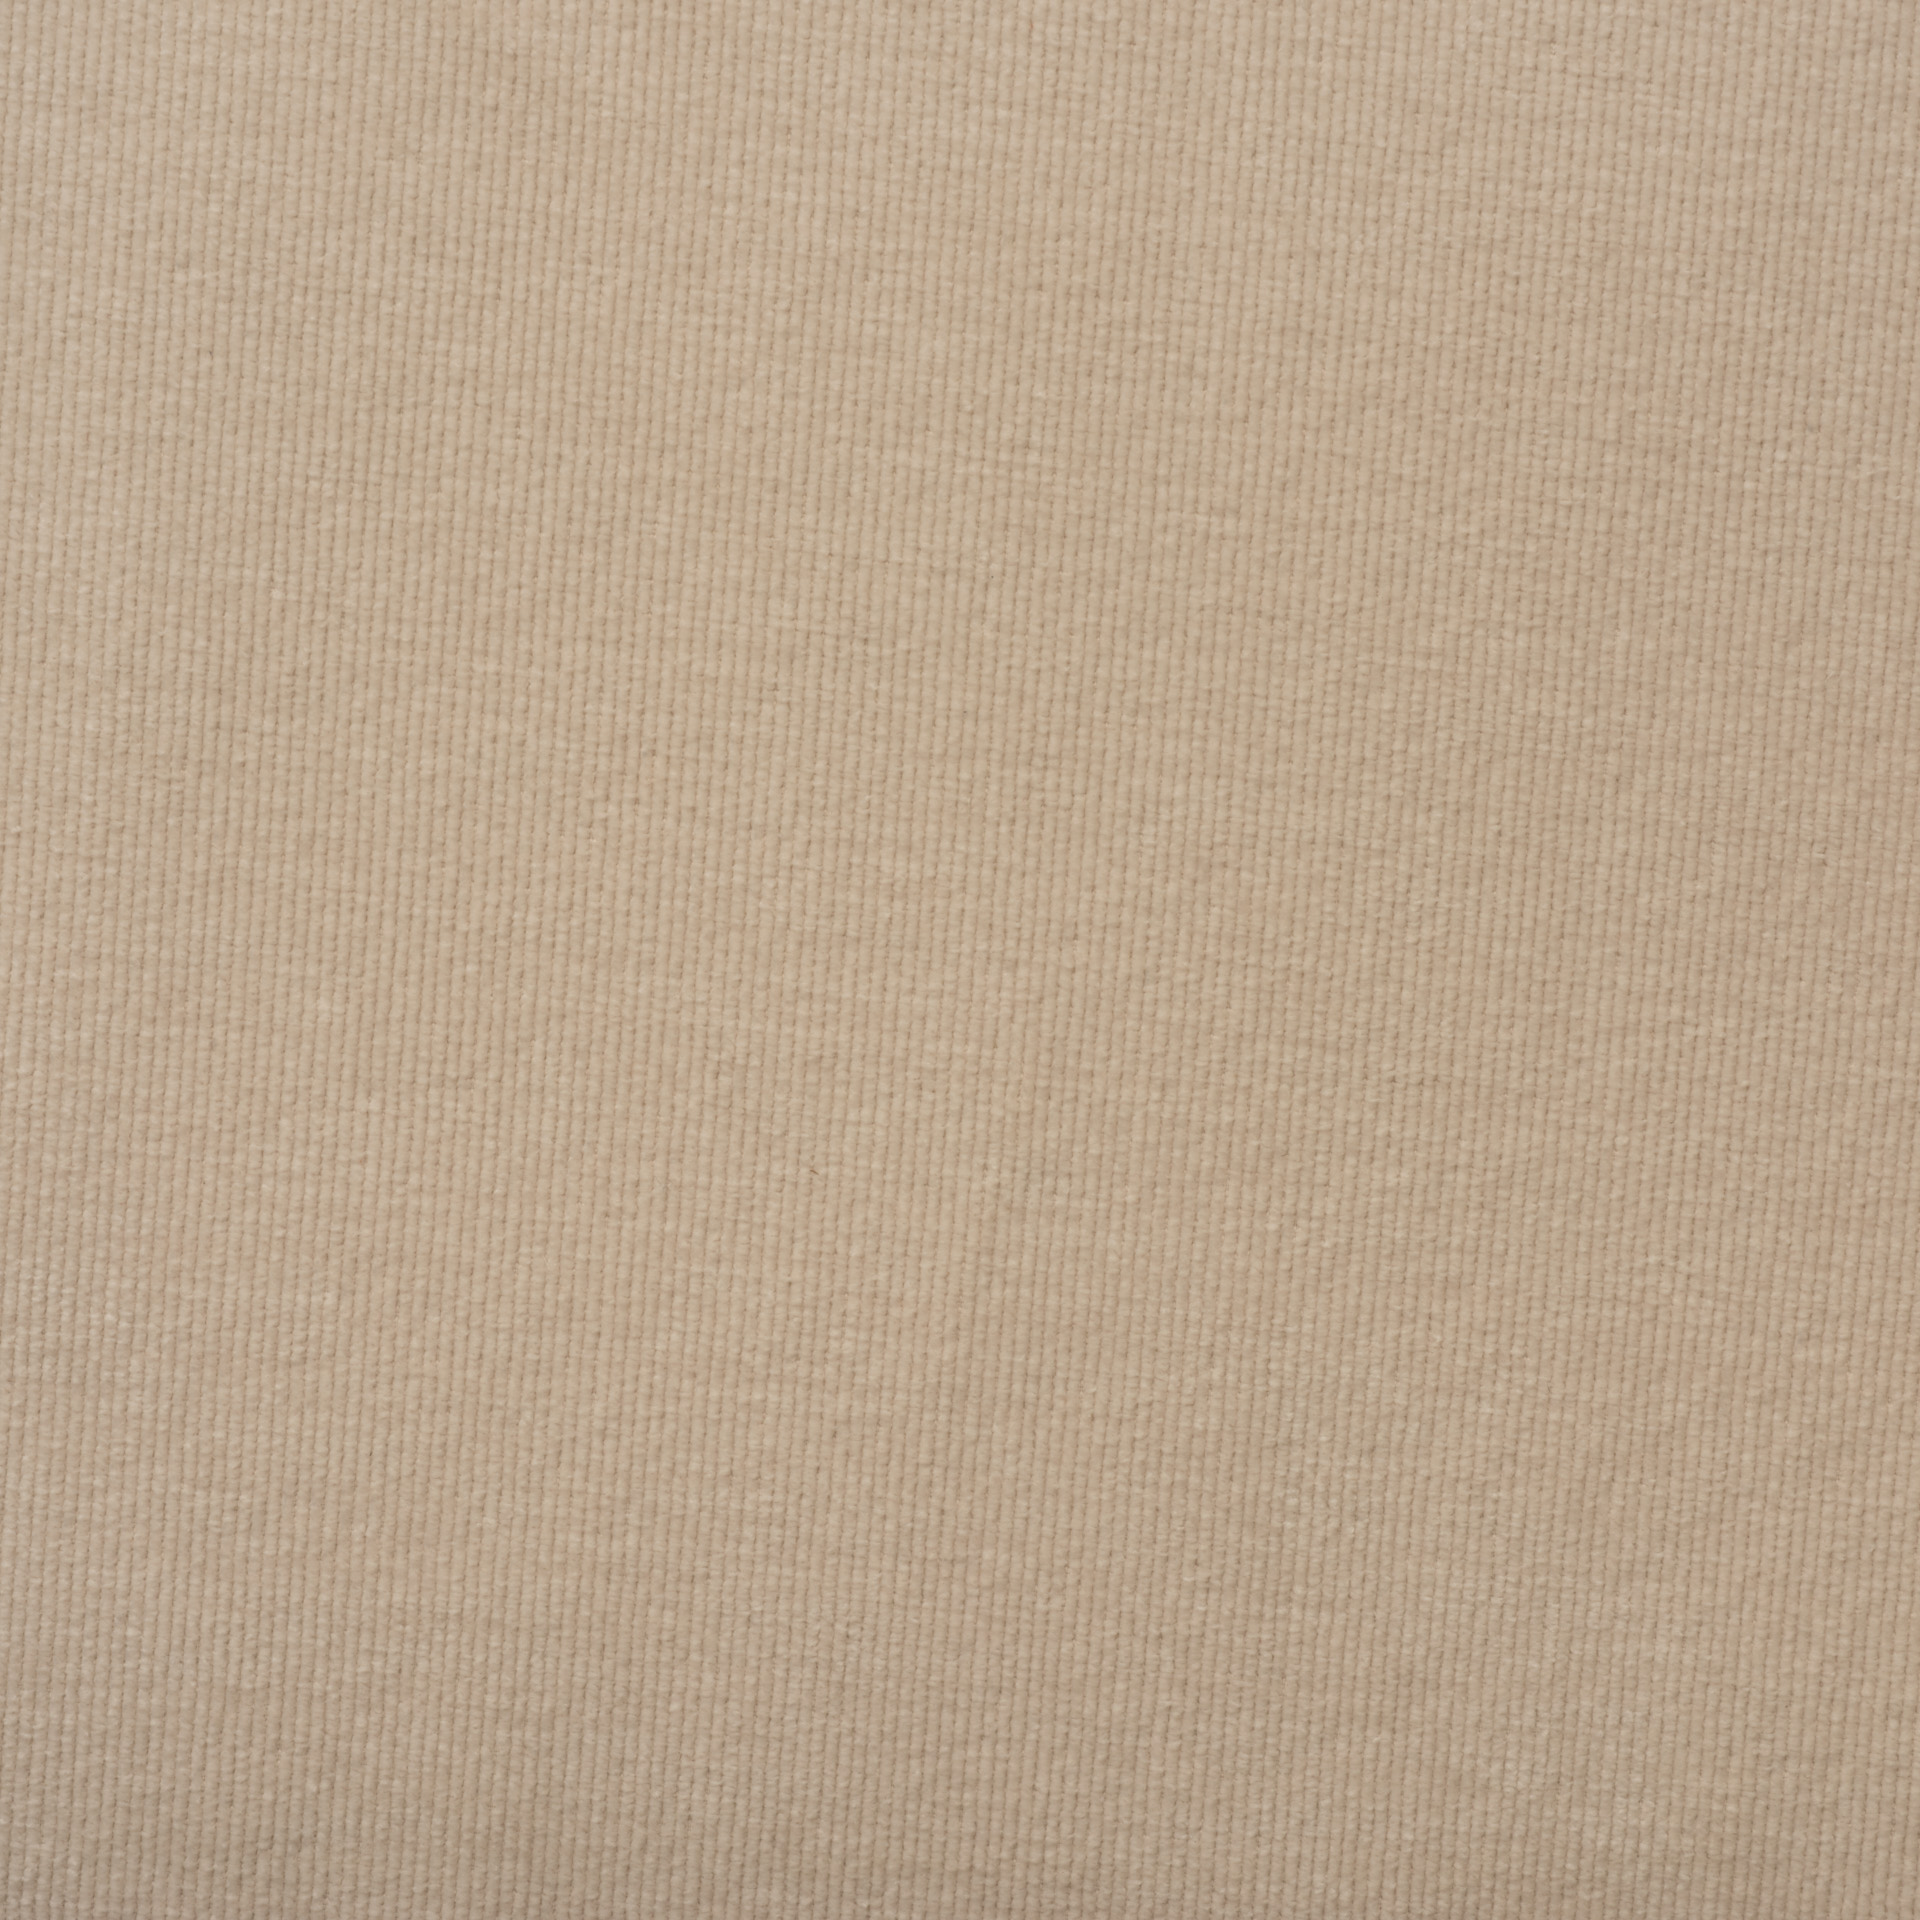 Коллекция ткани Кордрой 470,  купить ткань Велюр для мебели Украина